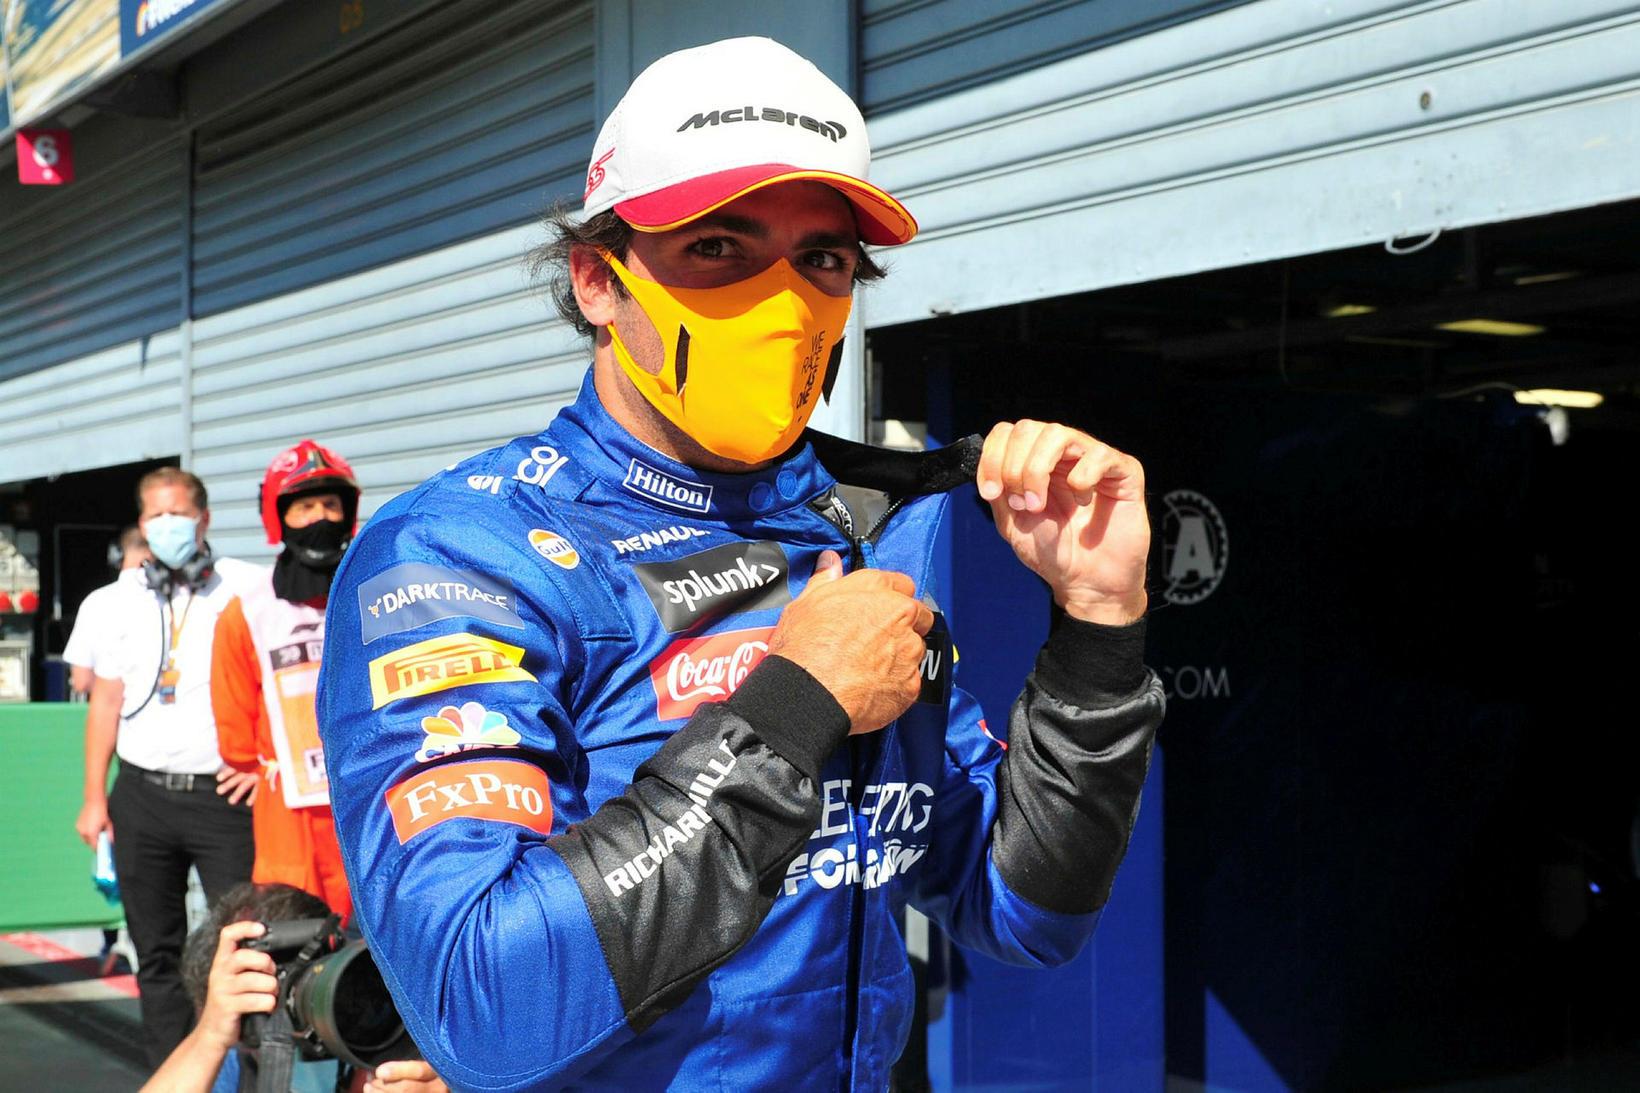 Carlos Sainz kemur út úr bílskúr McLaren eftir tímatökuna í …